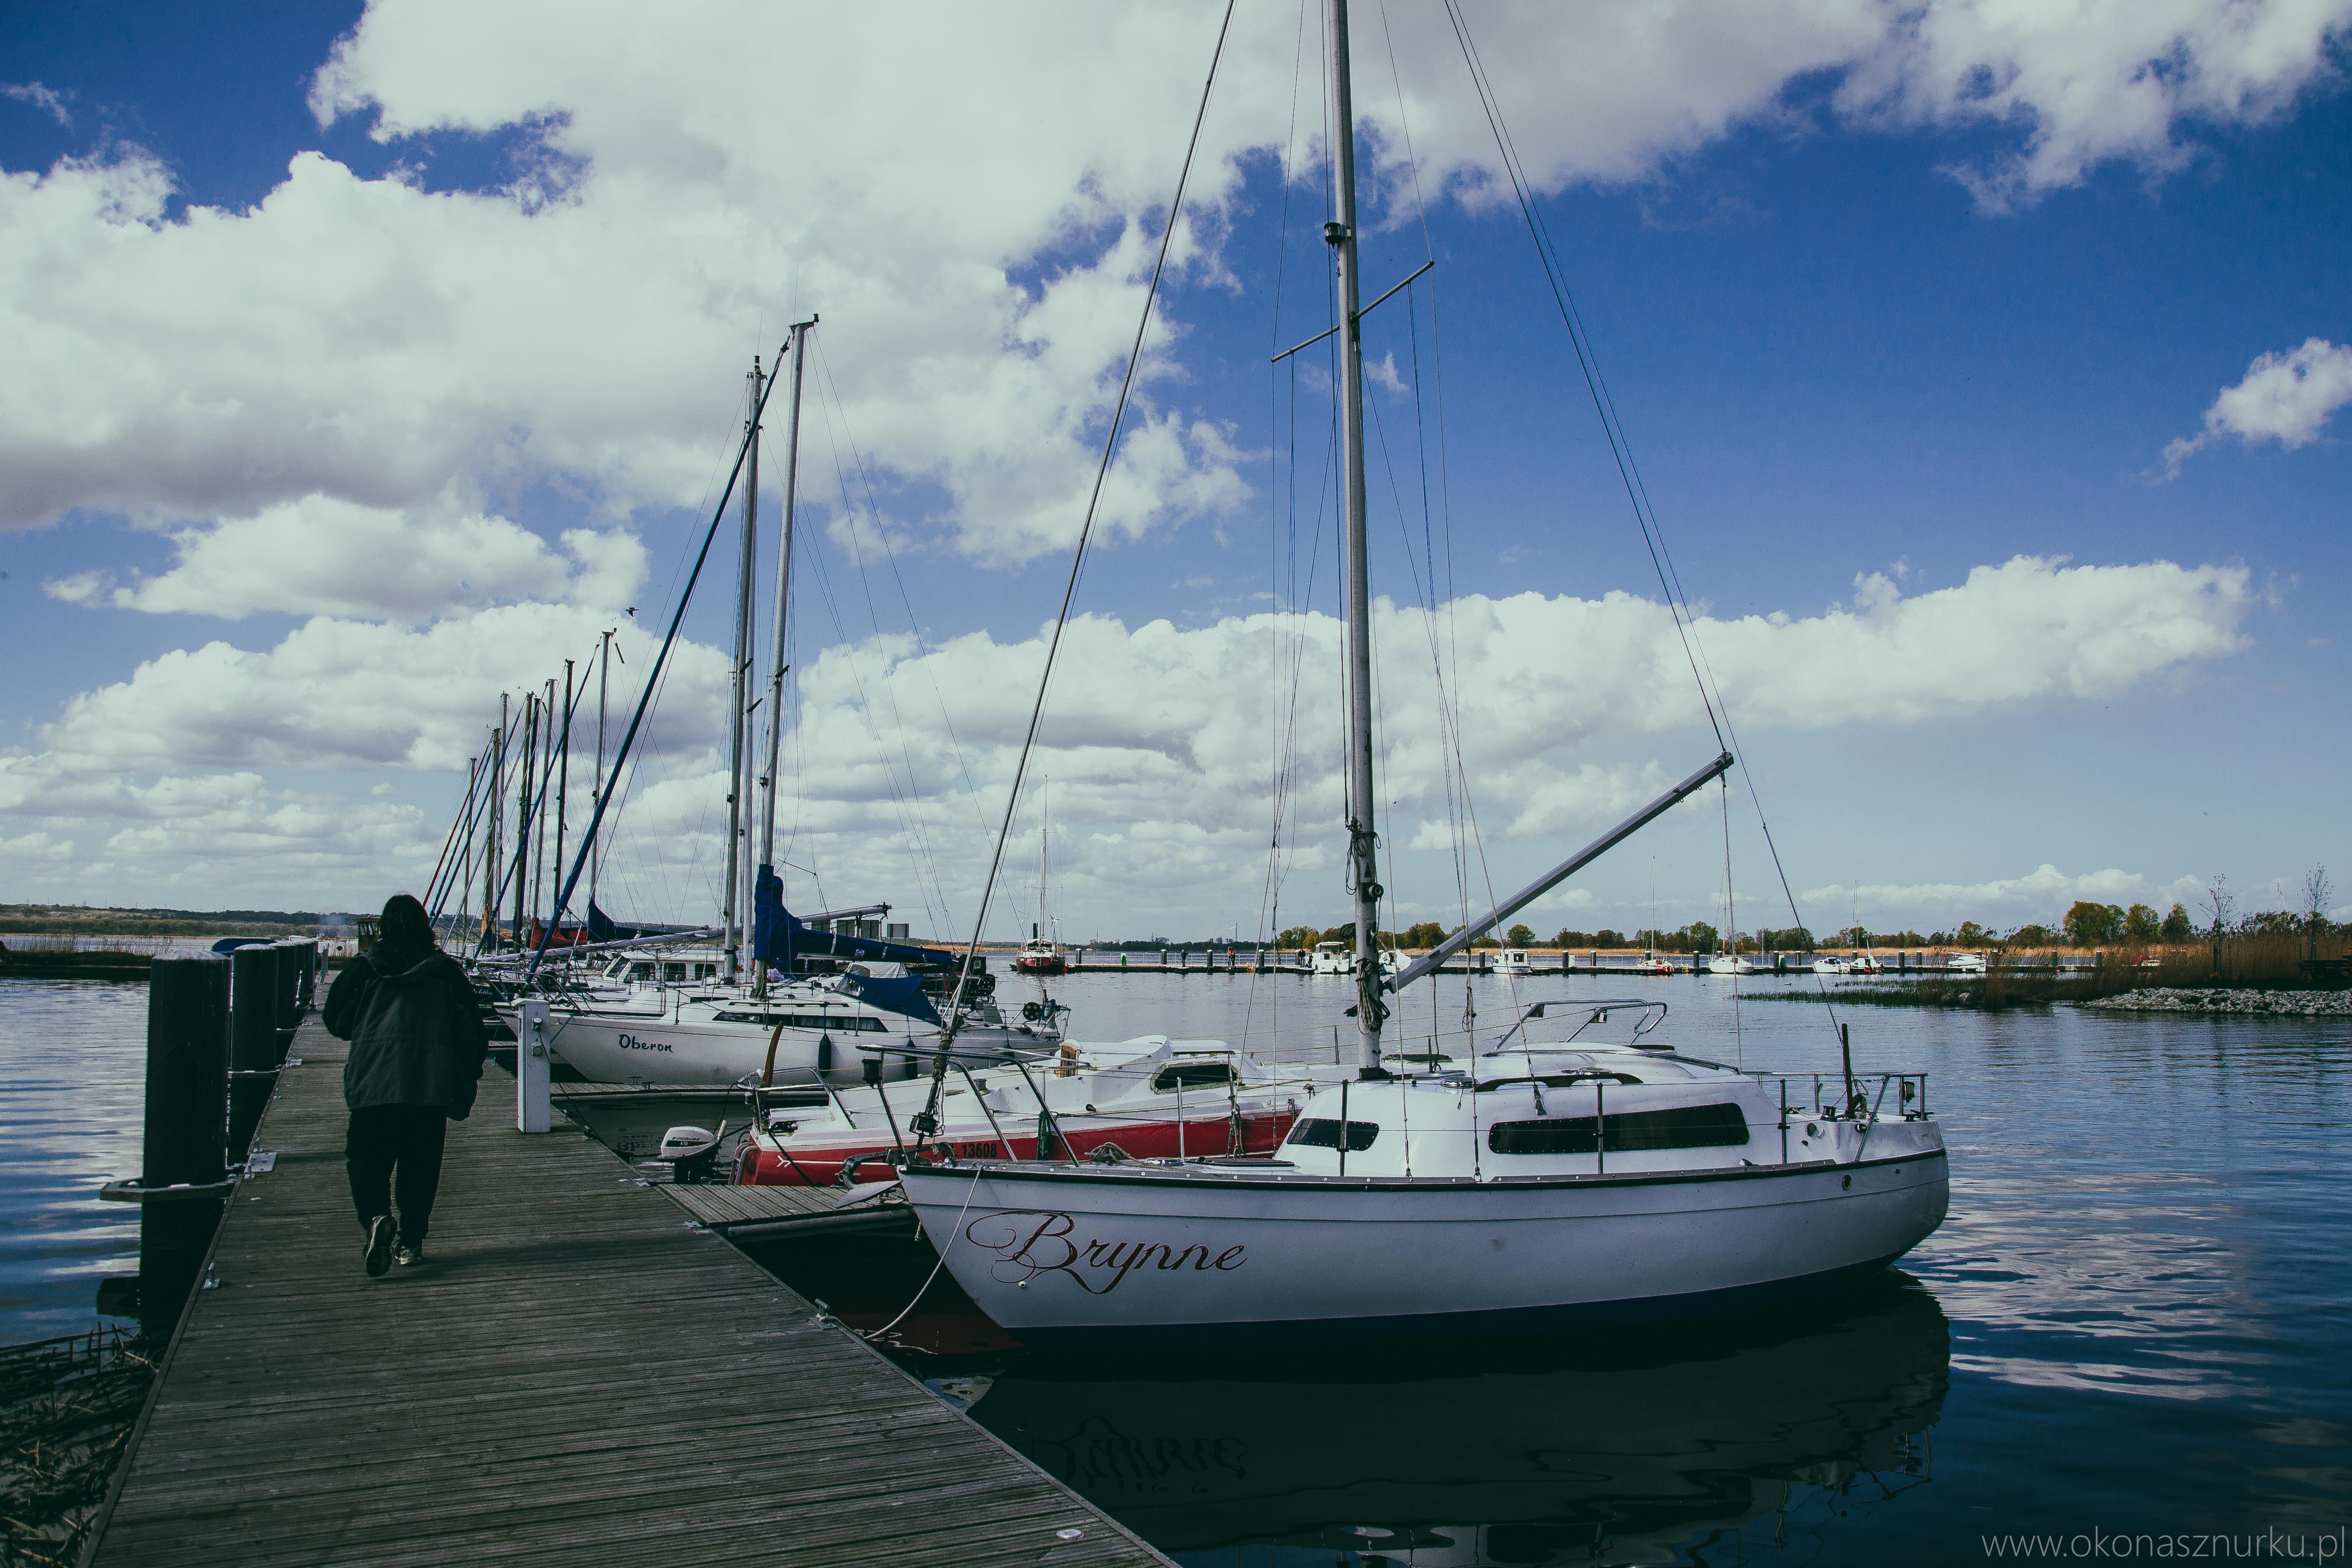 marina-jacht-wyprawy-morskie-silesia-szczecin-goclaw-lubczyna (68)